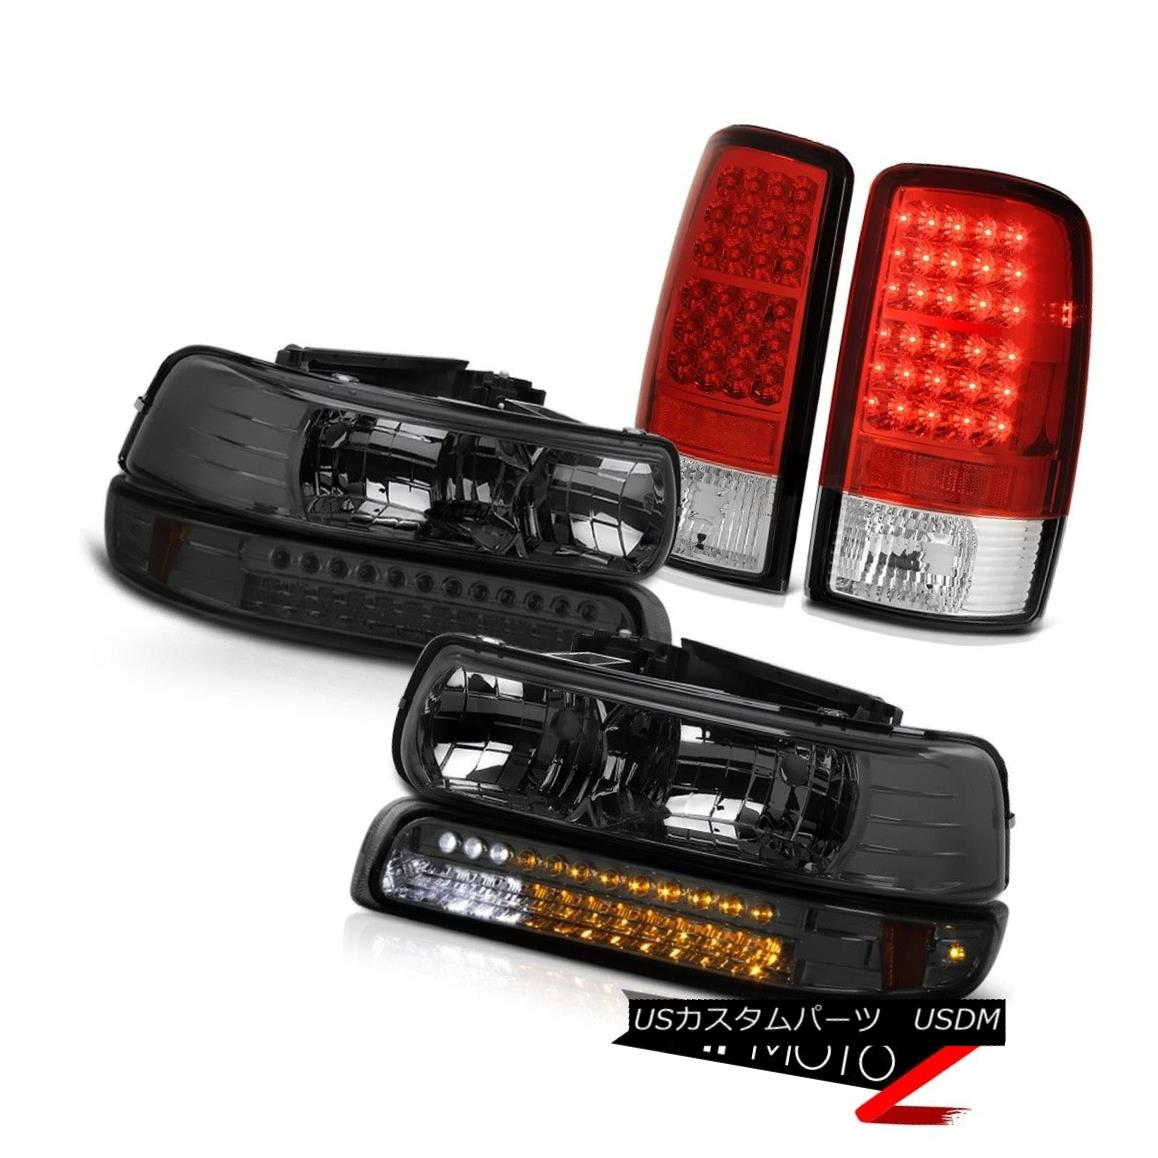 ヘッドライト PAIR Smoke Headlights LED Bumper Tail Lights 00 01 02 03 04 05 06 Suburban 6.0L PAIRスモークヘッドライトLEDバンパーテールライト00 01 02 03 04 05 06郊外の6.0L